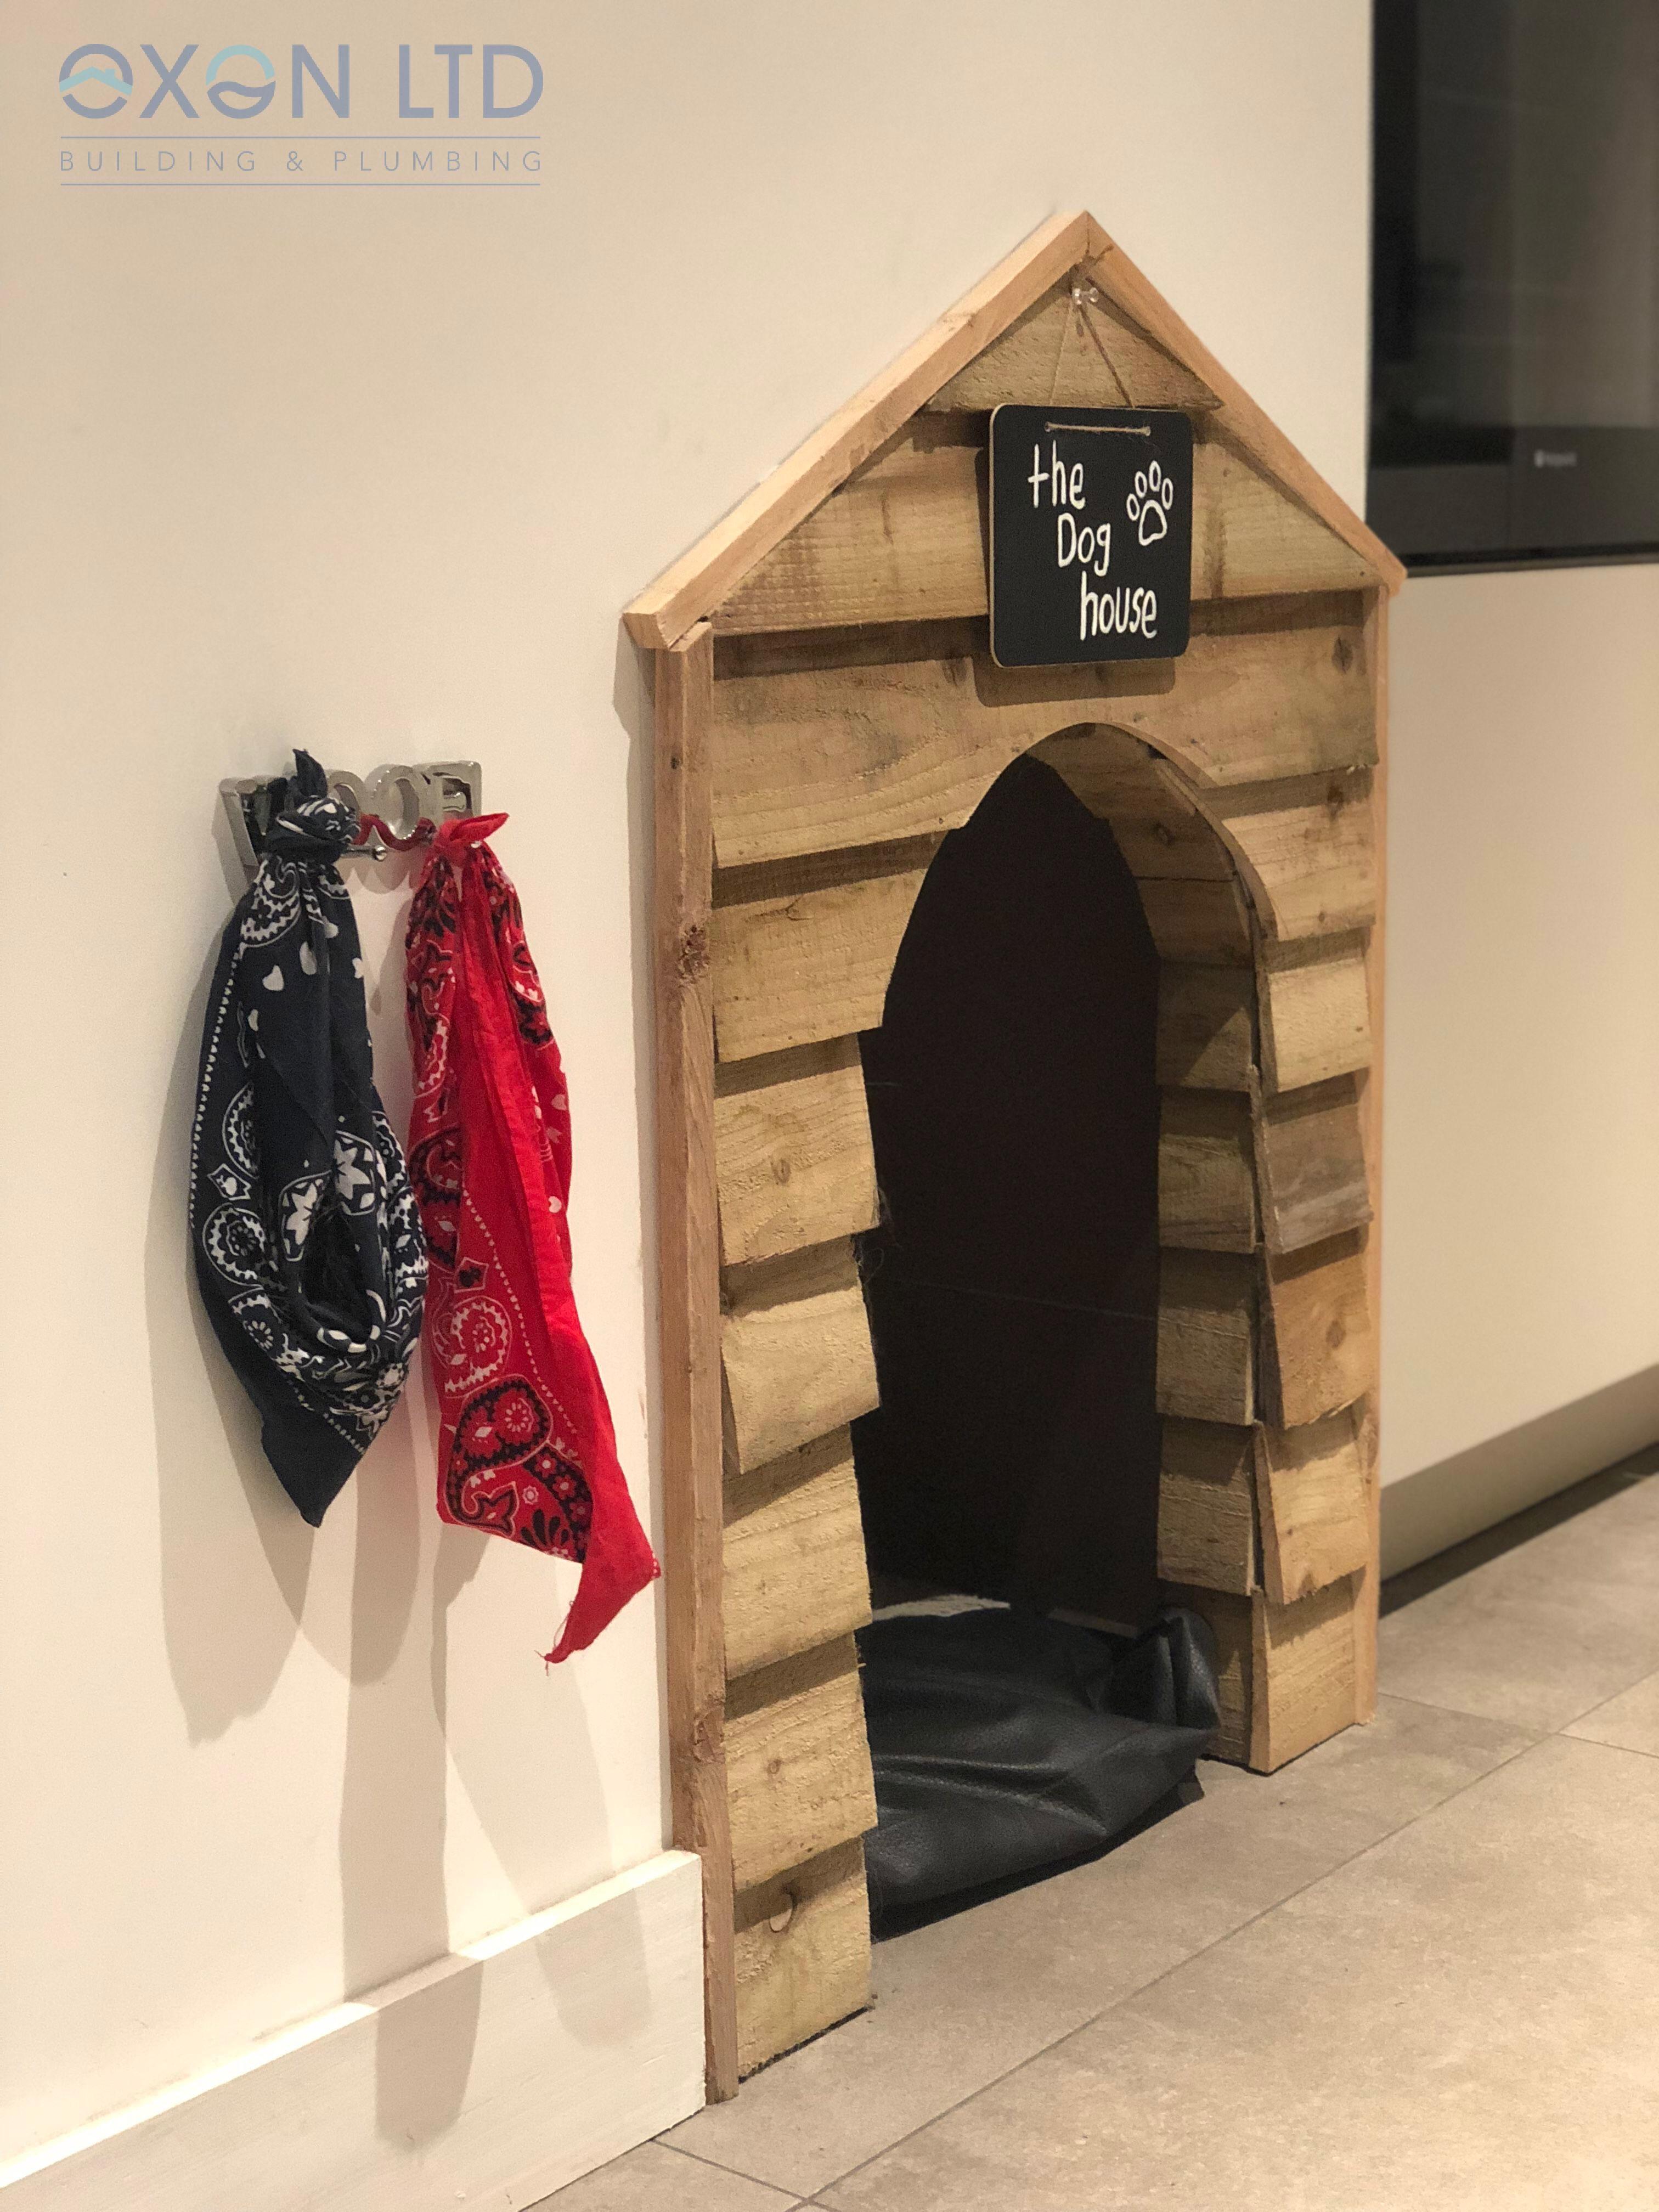 Dog House - Didcot